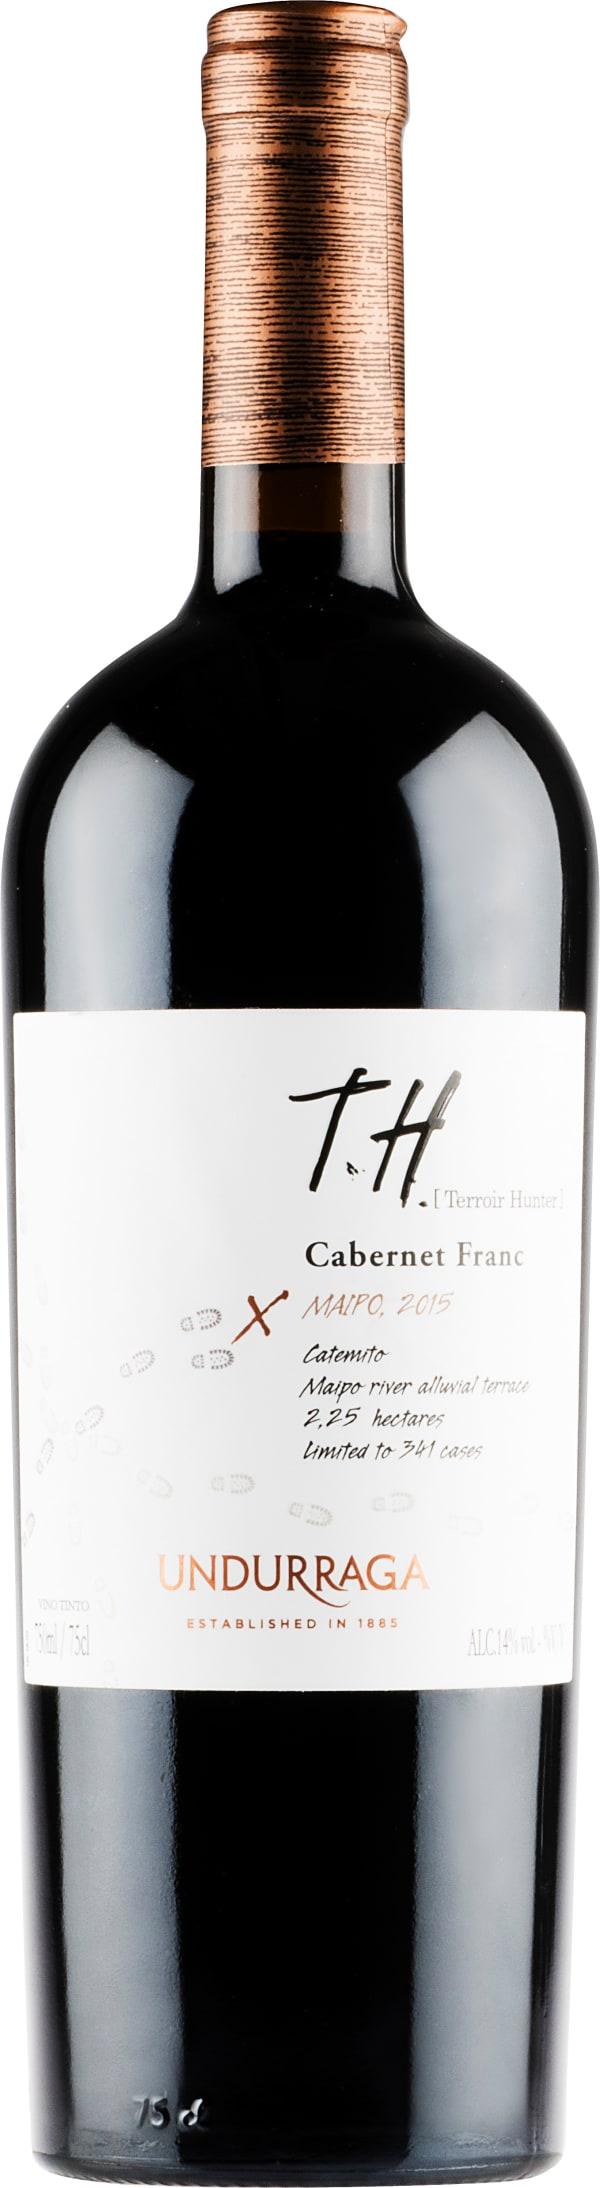 T.H. Cabernet Franc 2015